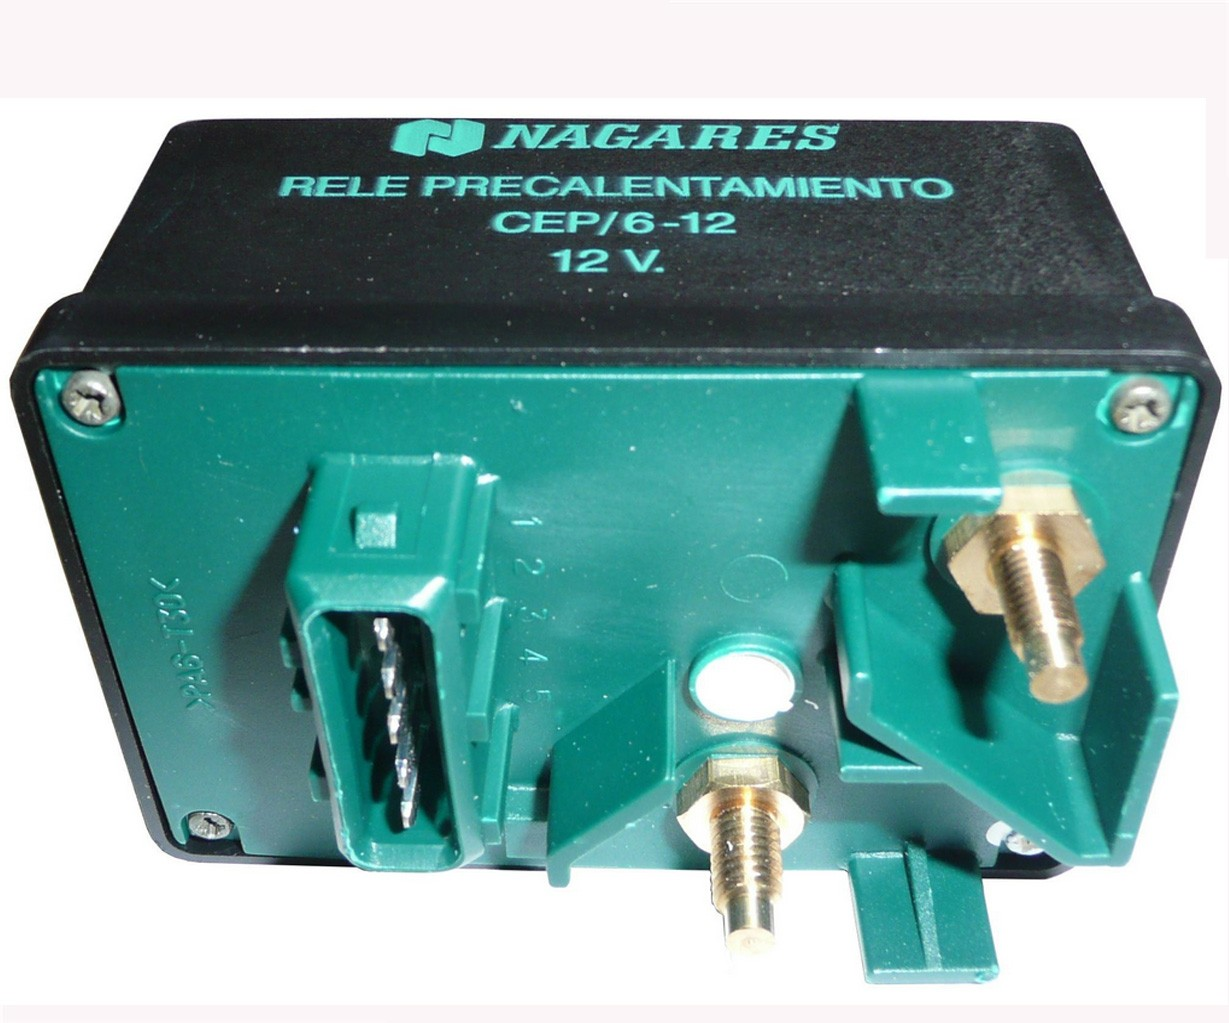 Towbar Wiring Diagram 7 Pin On Electrical Wiring Diagram Peugeot 307